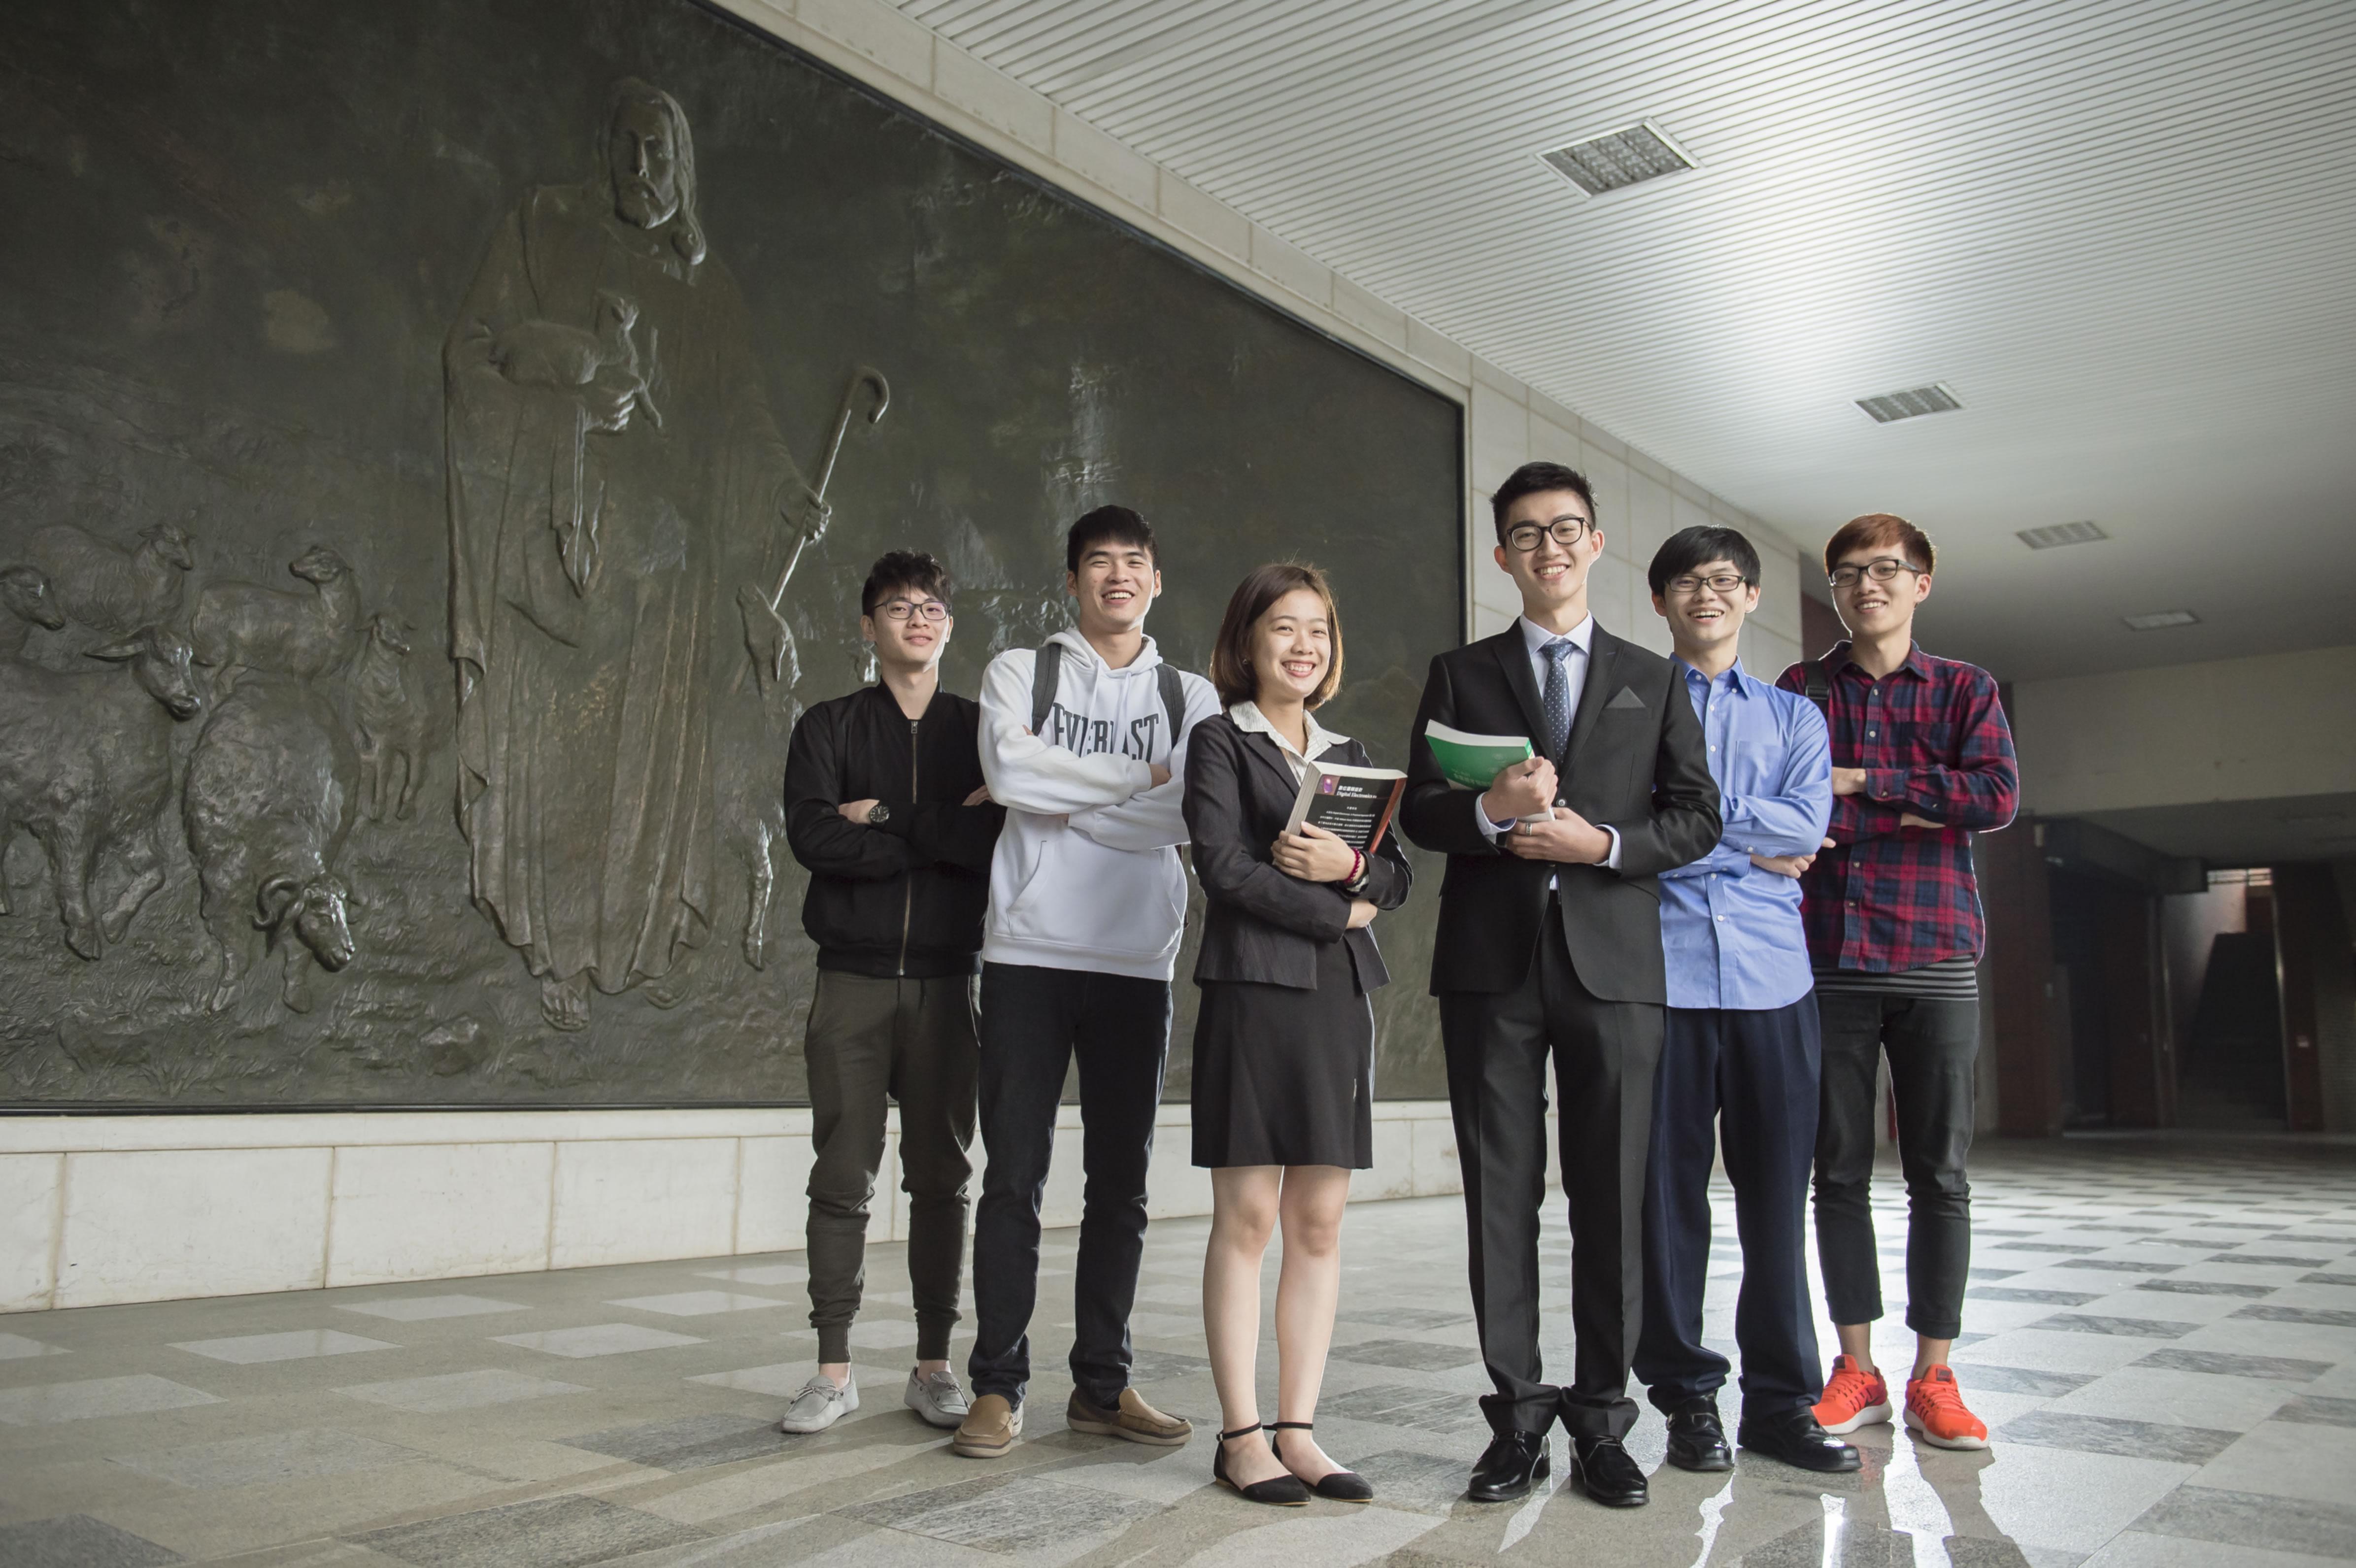 長榮大學資工系學生